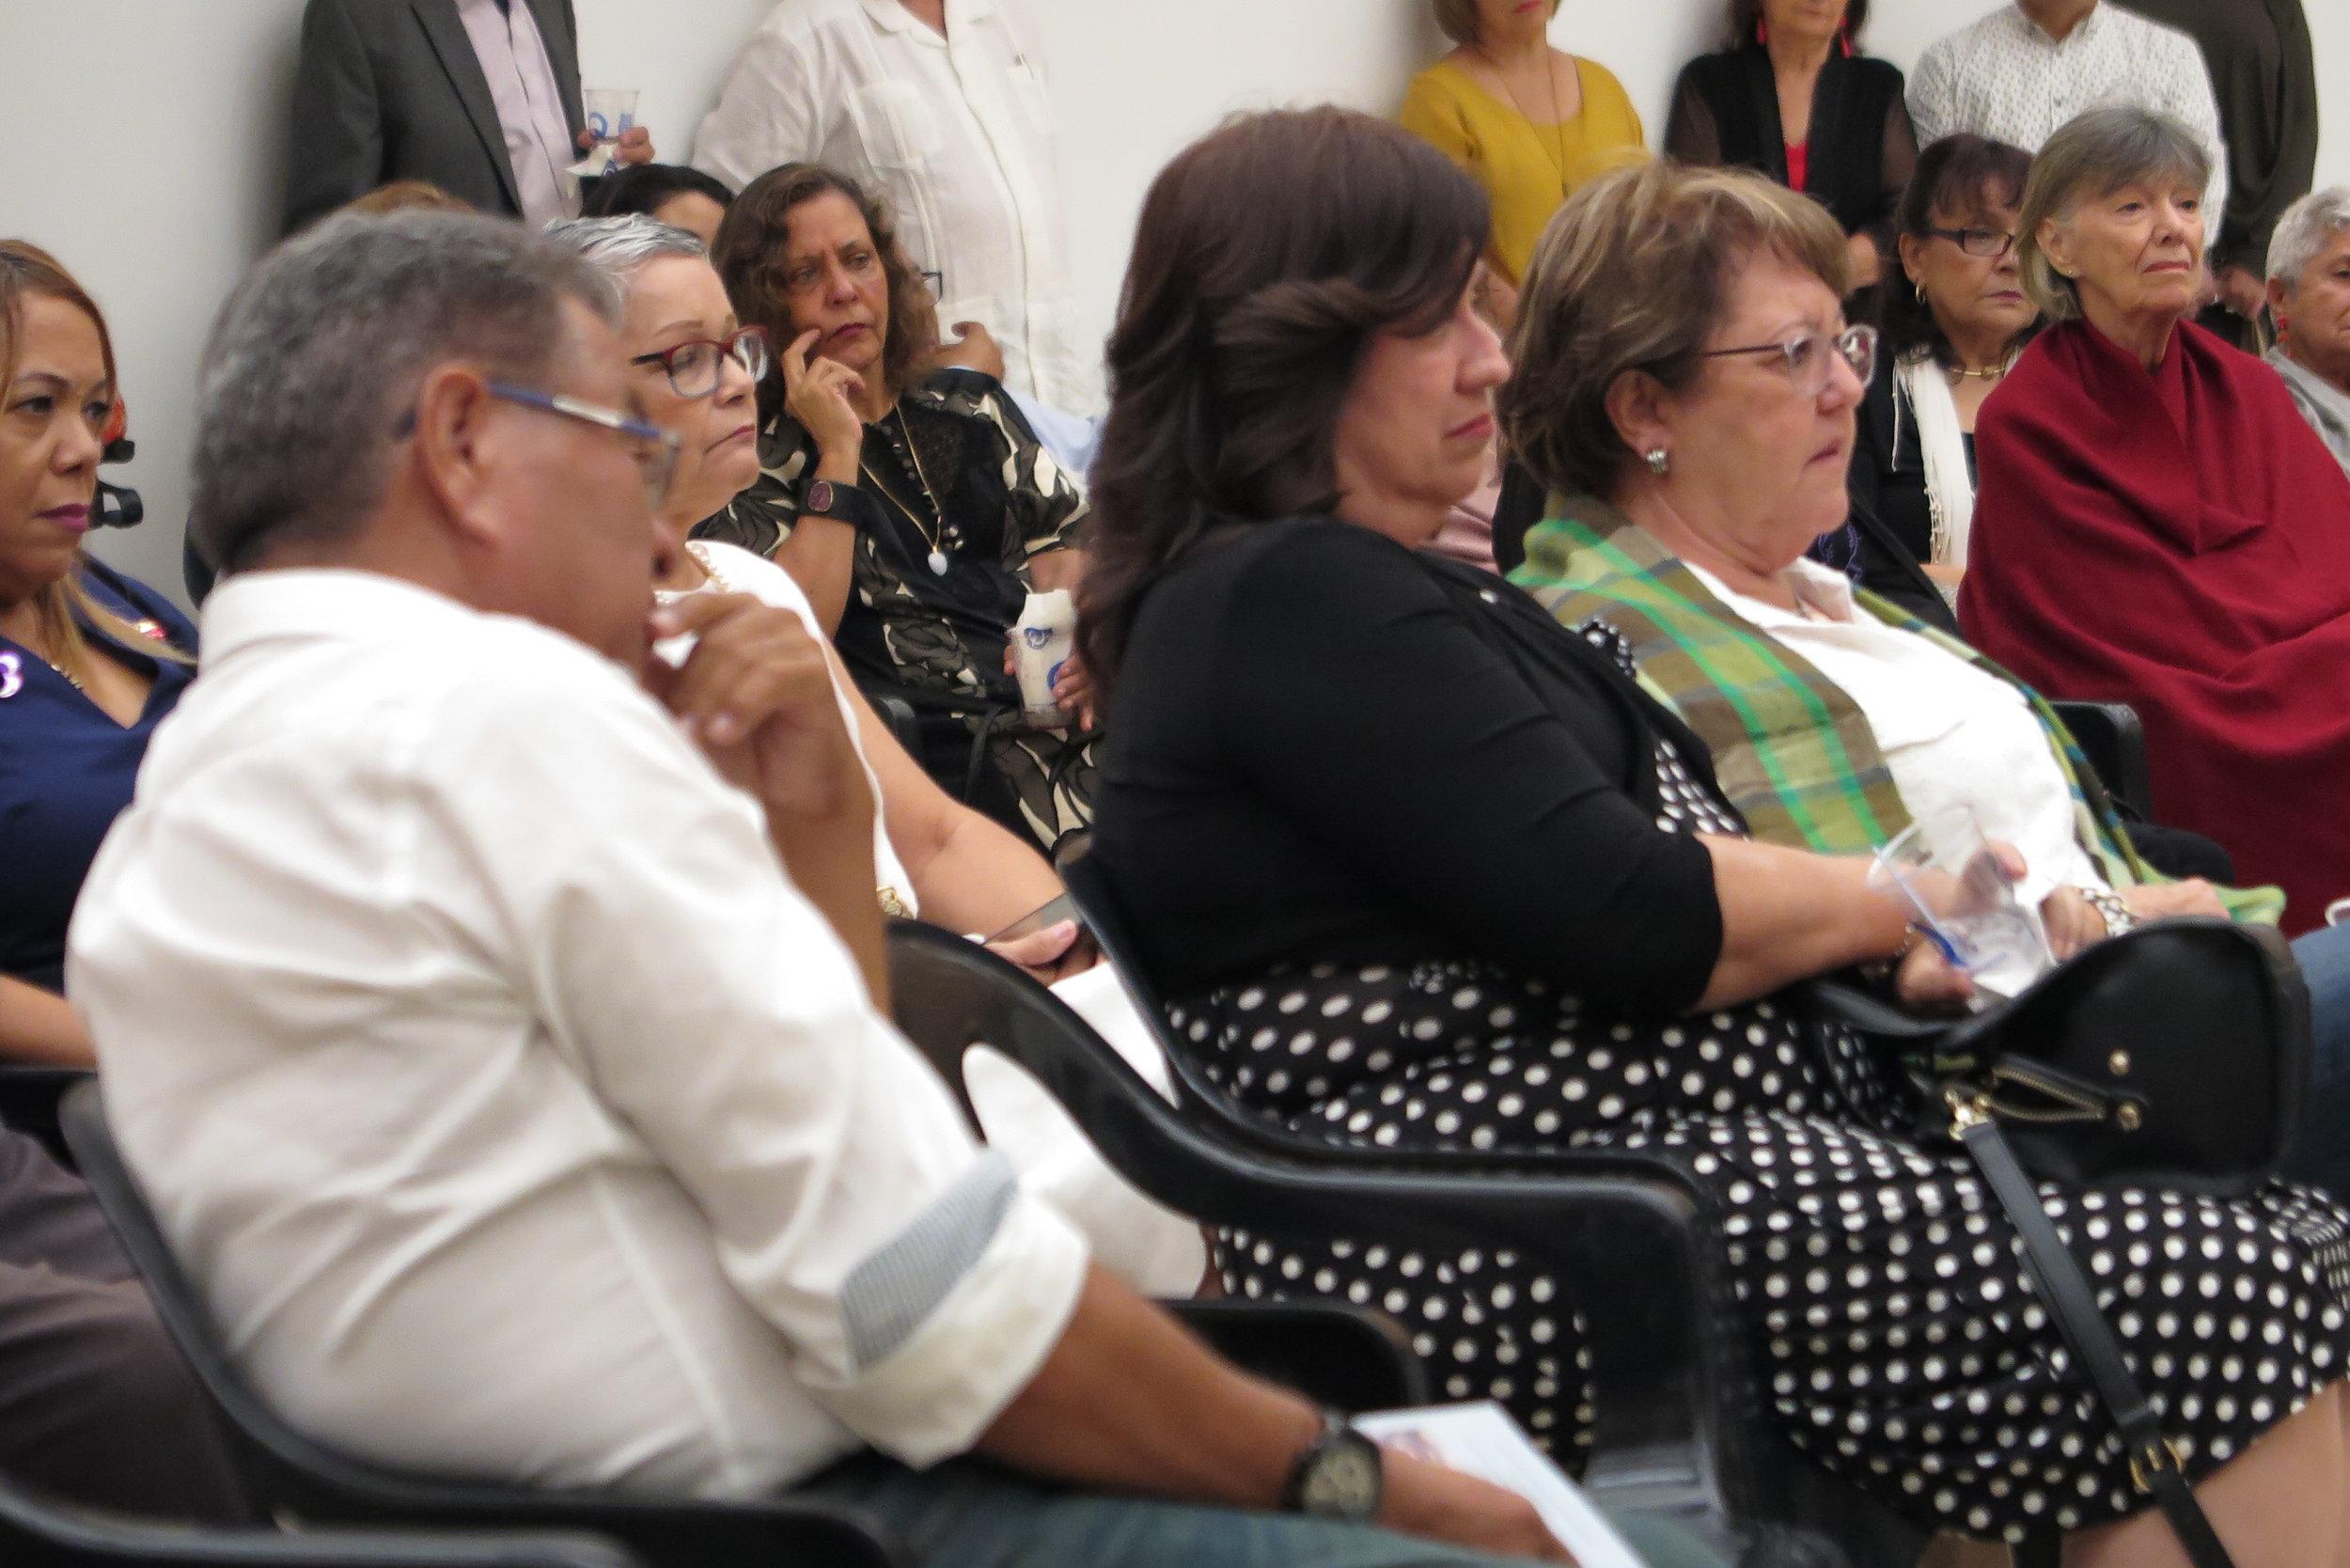 Fundación Luis Muñoz Marín, wide shot three.